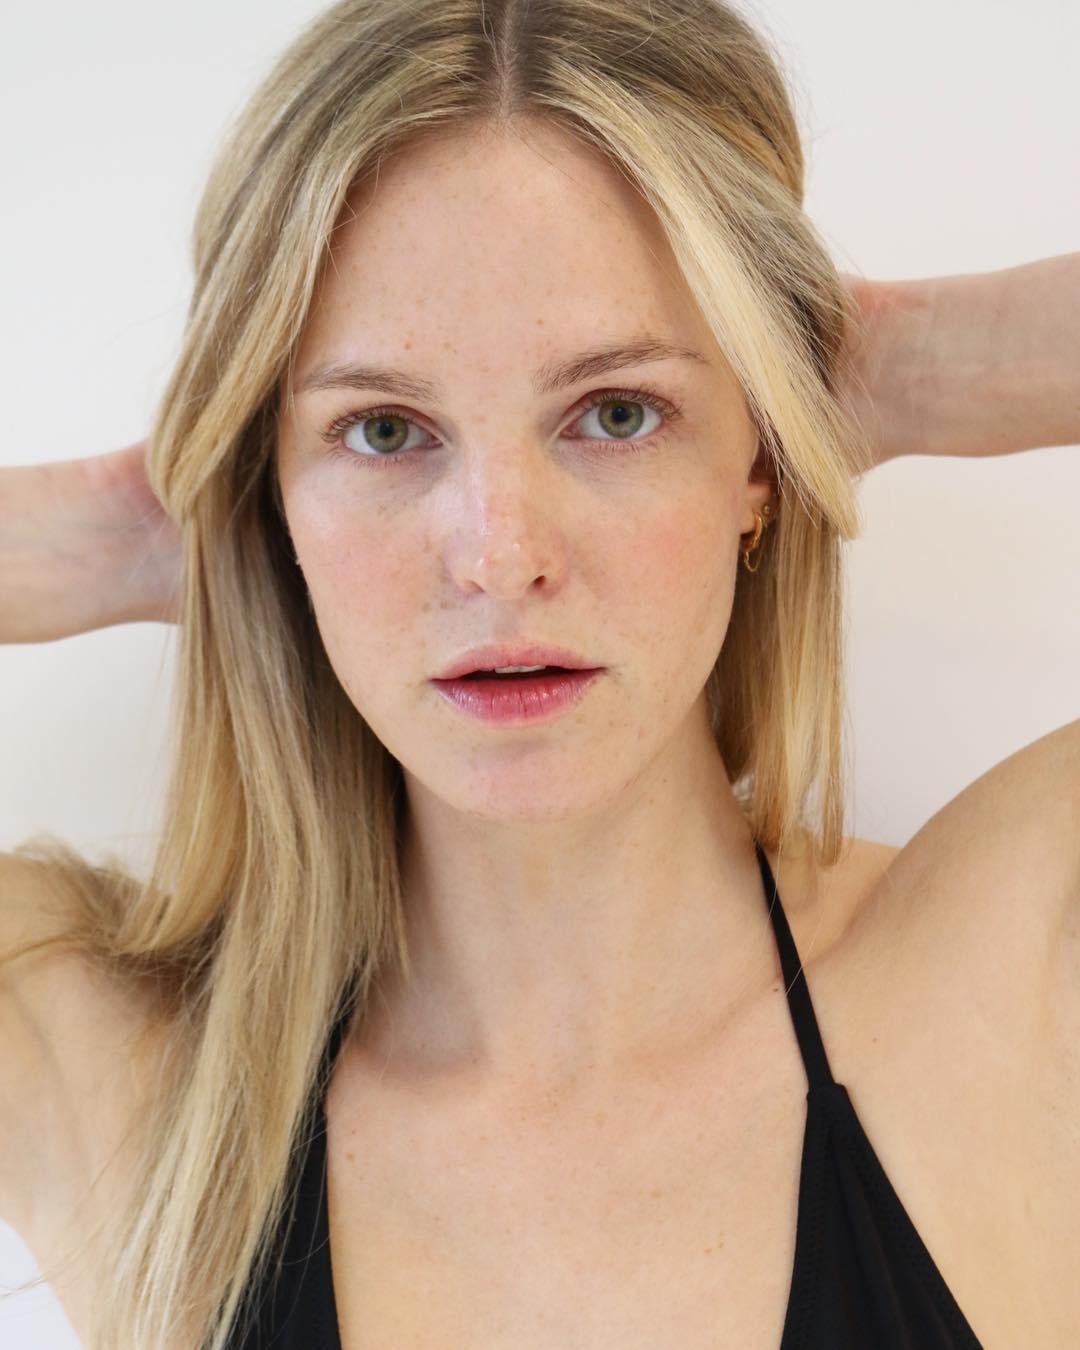 Đừng ngó lơ 6 tips chăm da sau của các người mẫu bởi rất có thể, bạn sẽ tìm thấy chìa khóa nâng cấp nhan sắc - Ảnh 3.